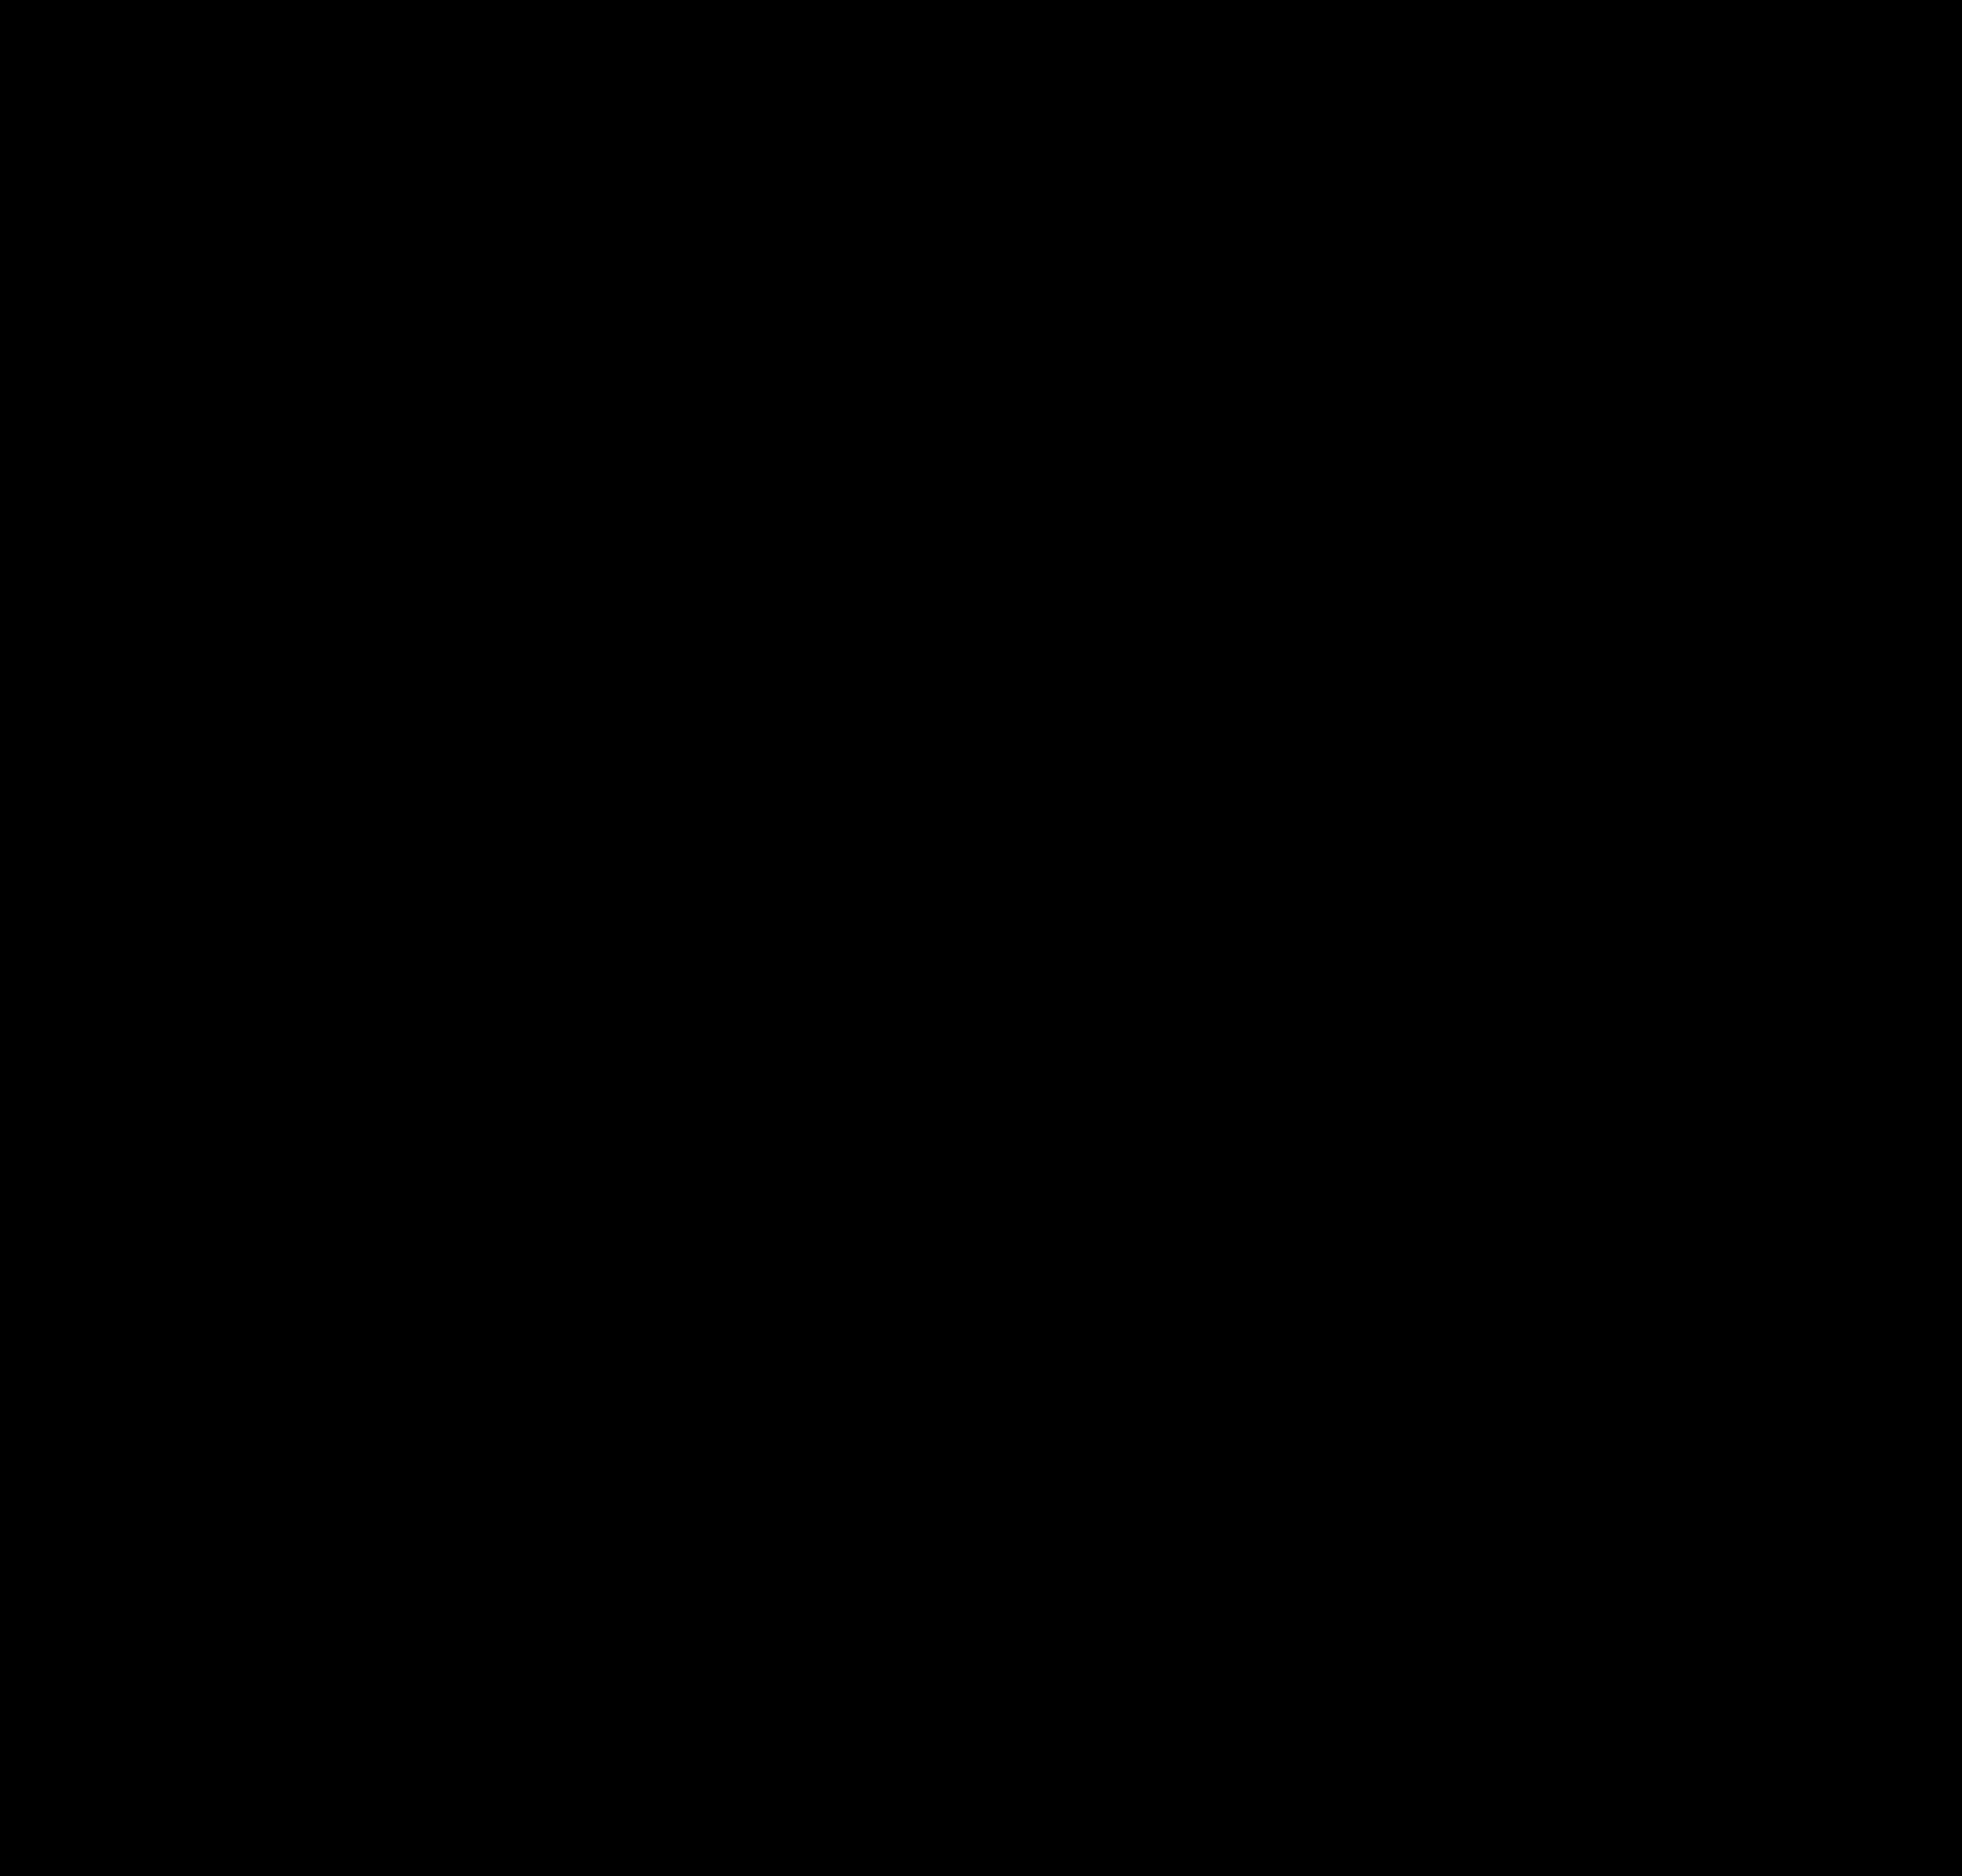 マイクロ器材専用バスケット 内部構造図